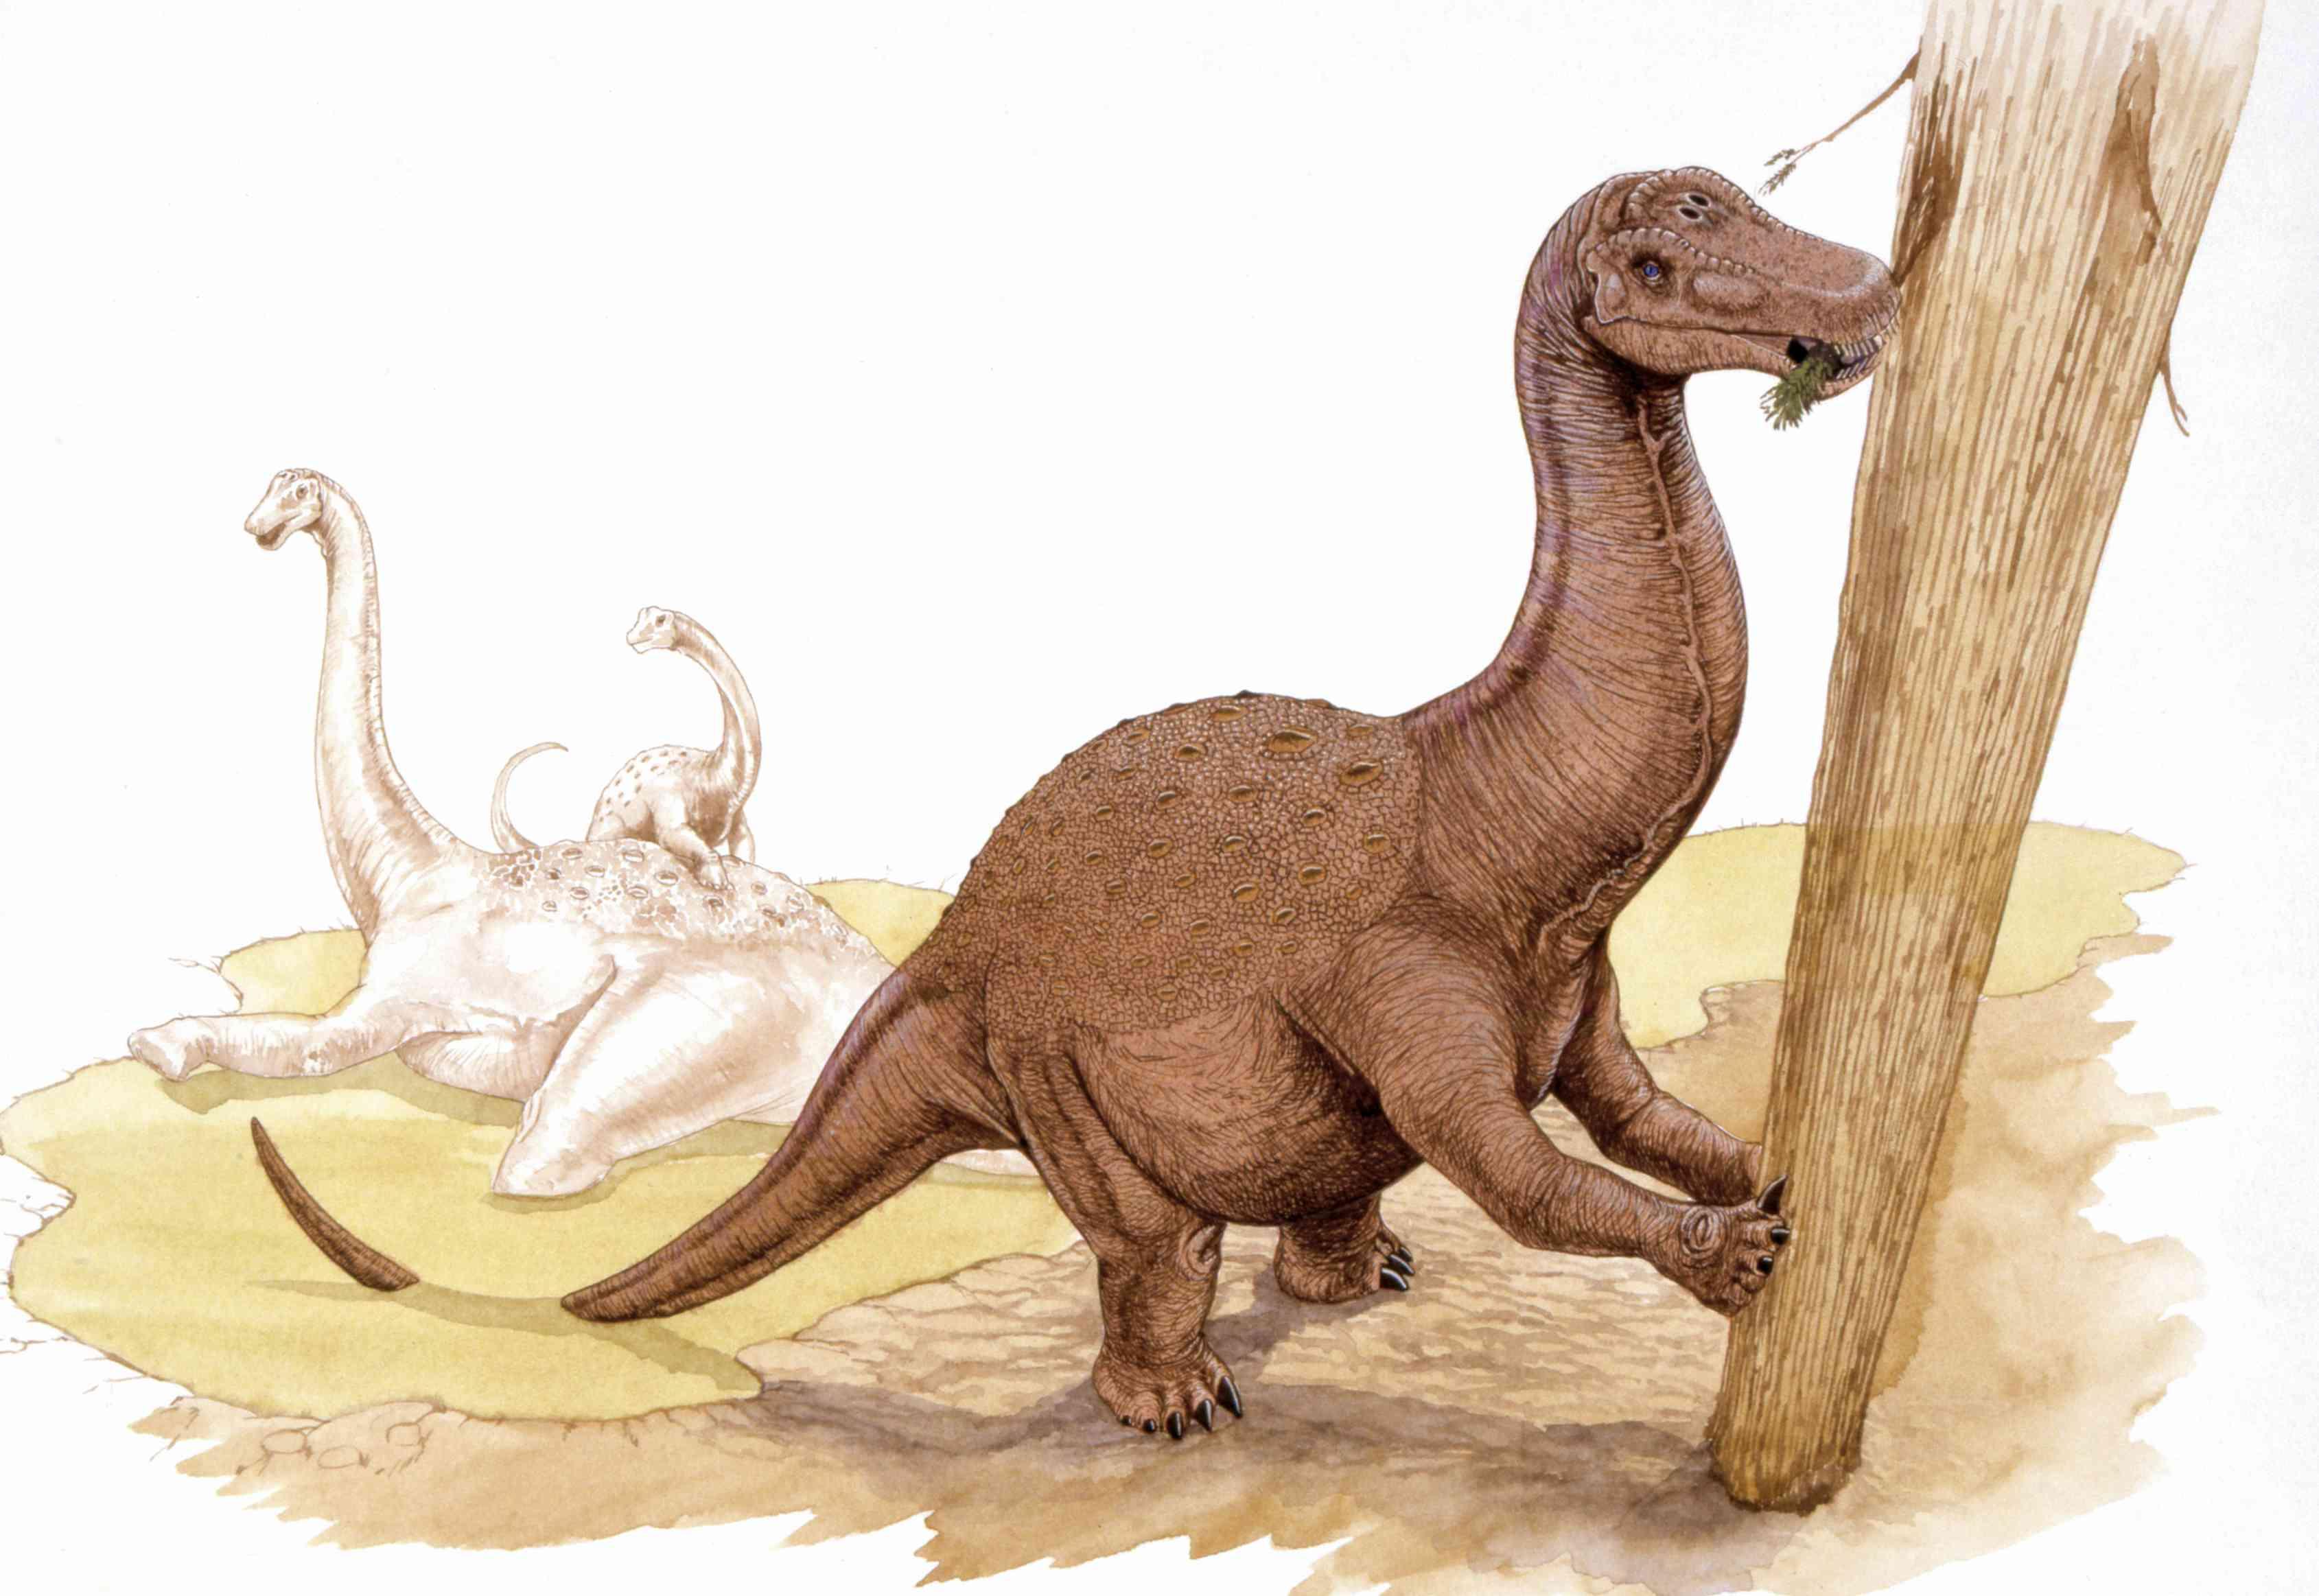 Illustration of Saltasaurus